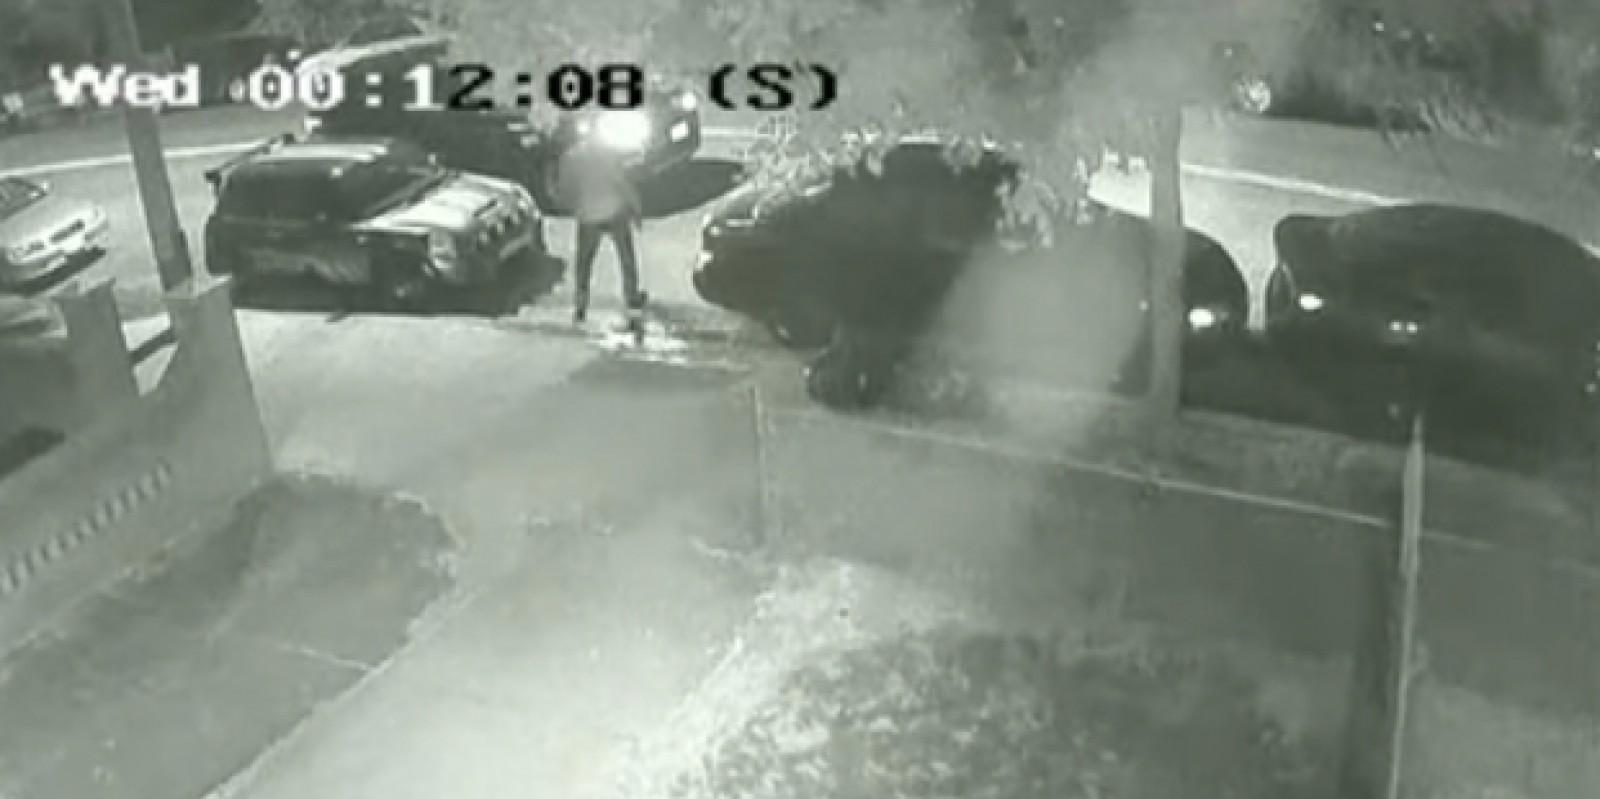 (video) Viral pe Internet. Cum s-a răzbunat un şofer pe un altul care i-a blocat accesul în curte